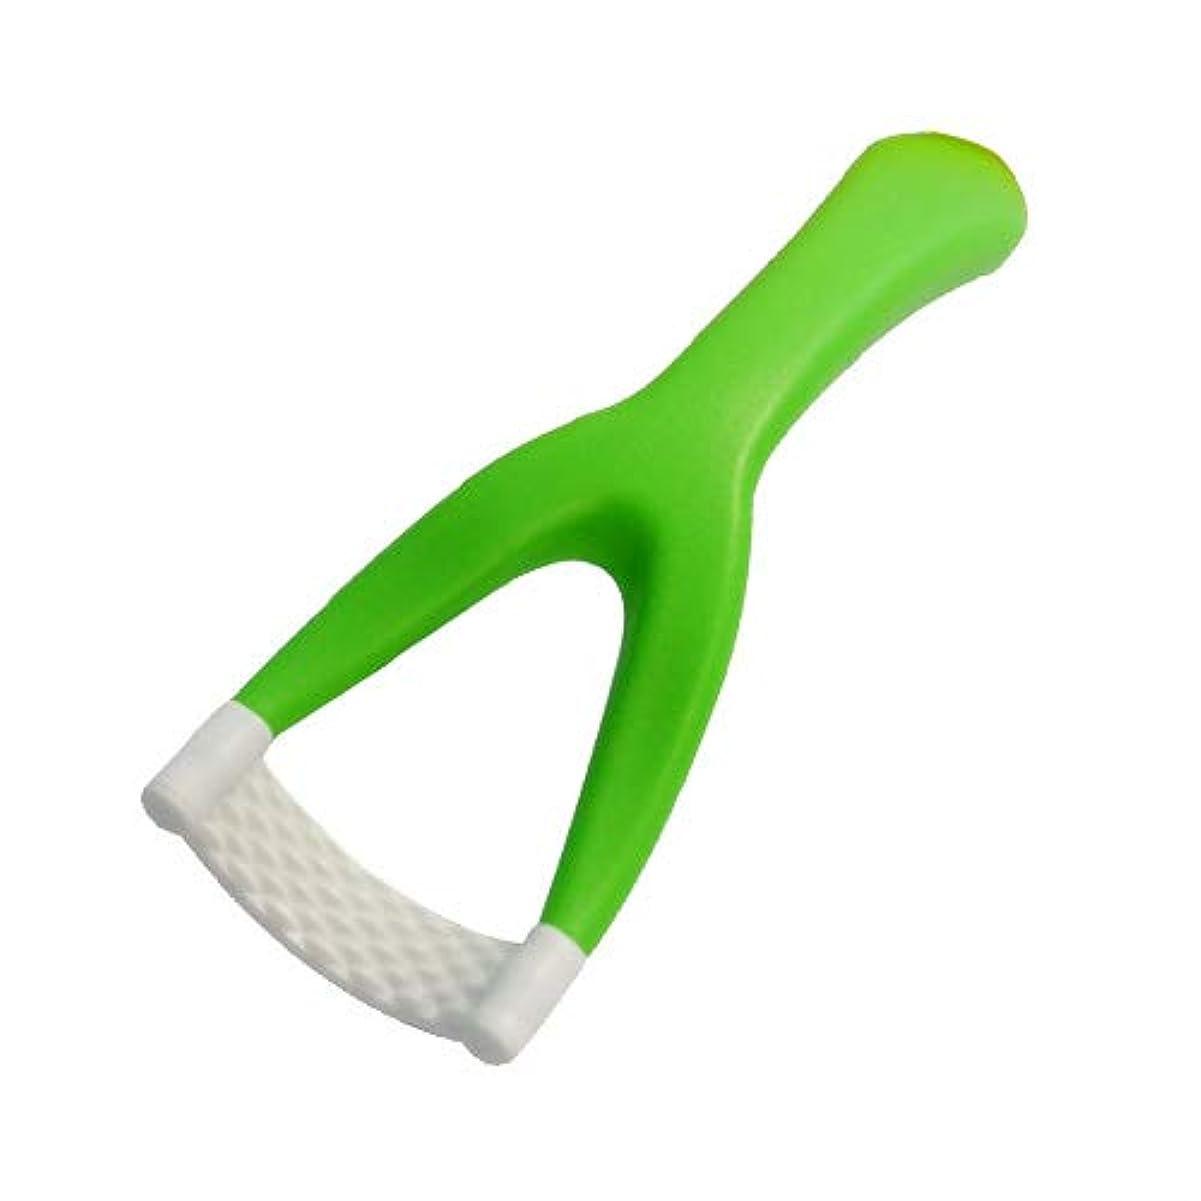 ピグマリオンワンダー雄弁使いやすーい 「舌ブラシ」 1本 ミントグリーン